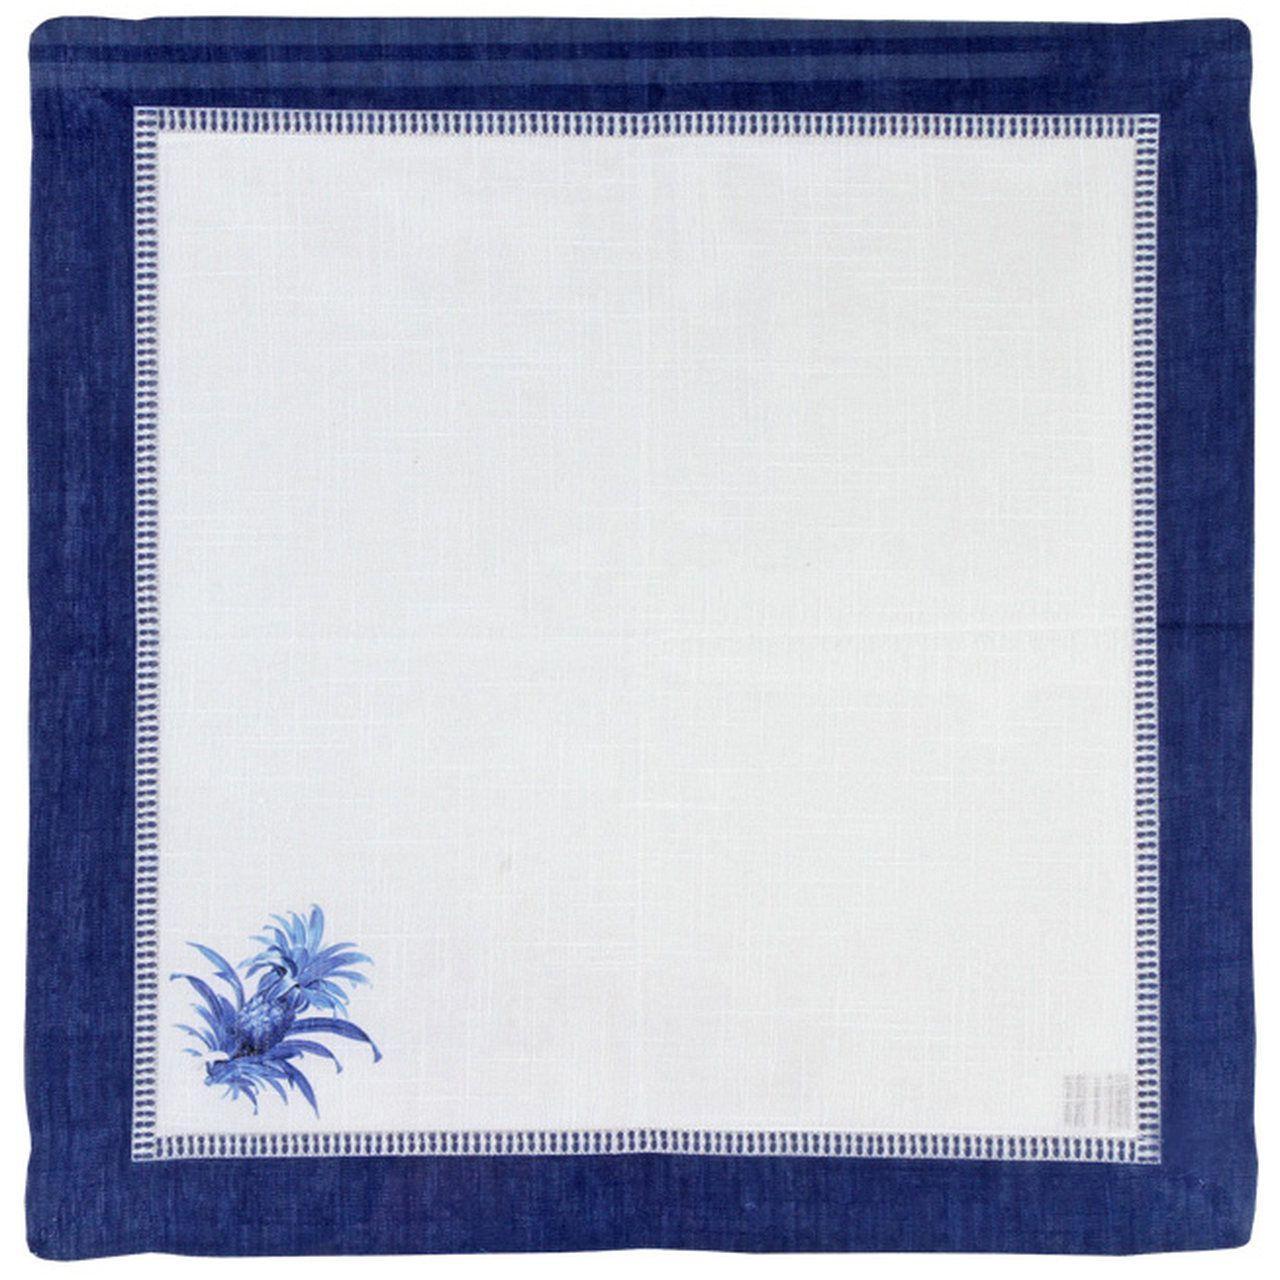 Guardanapo de Linho Abacaxi Azul Royal (06 Unidades) Cód.: 1428 - MB